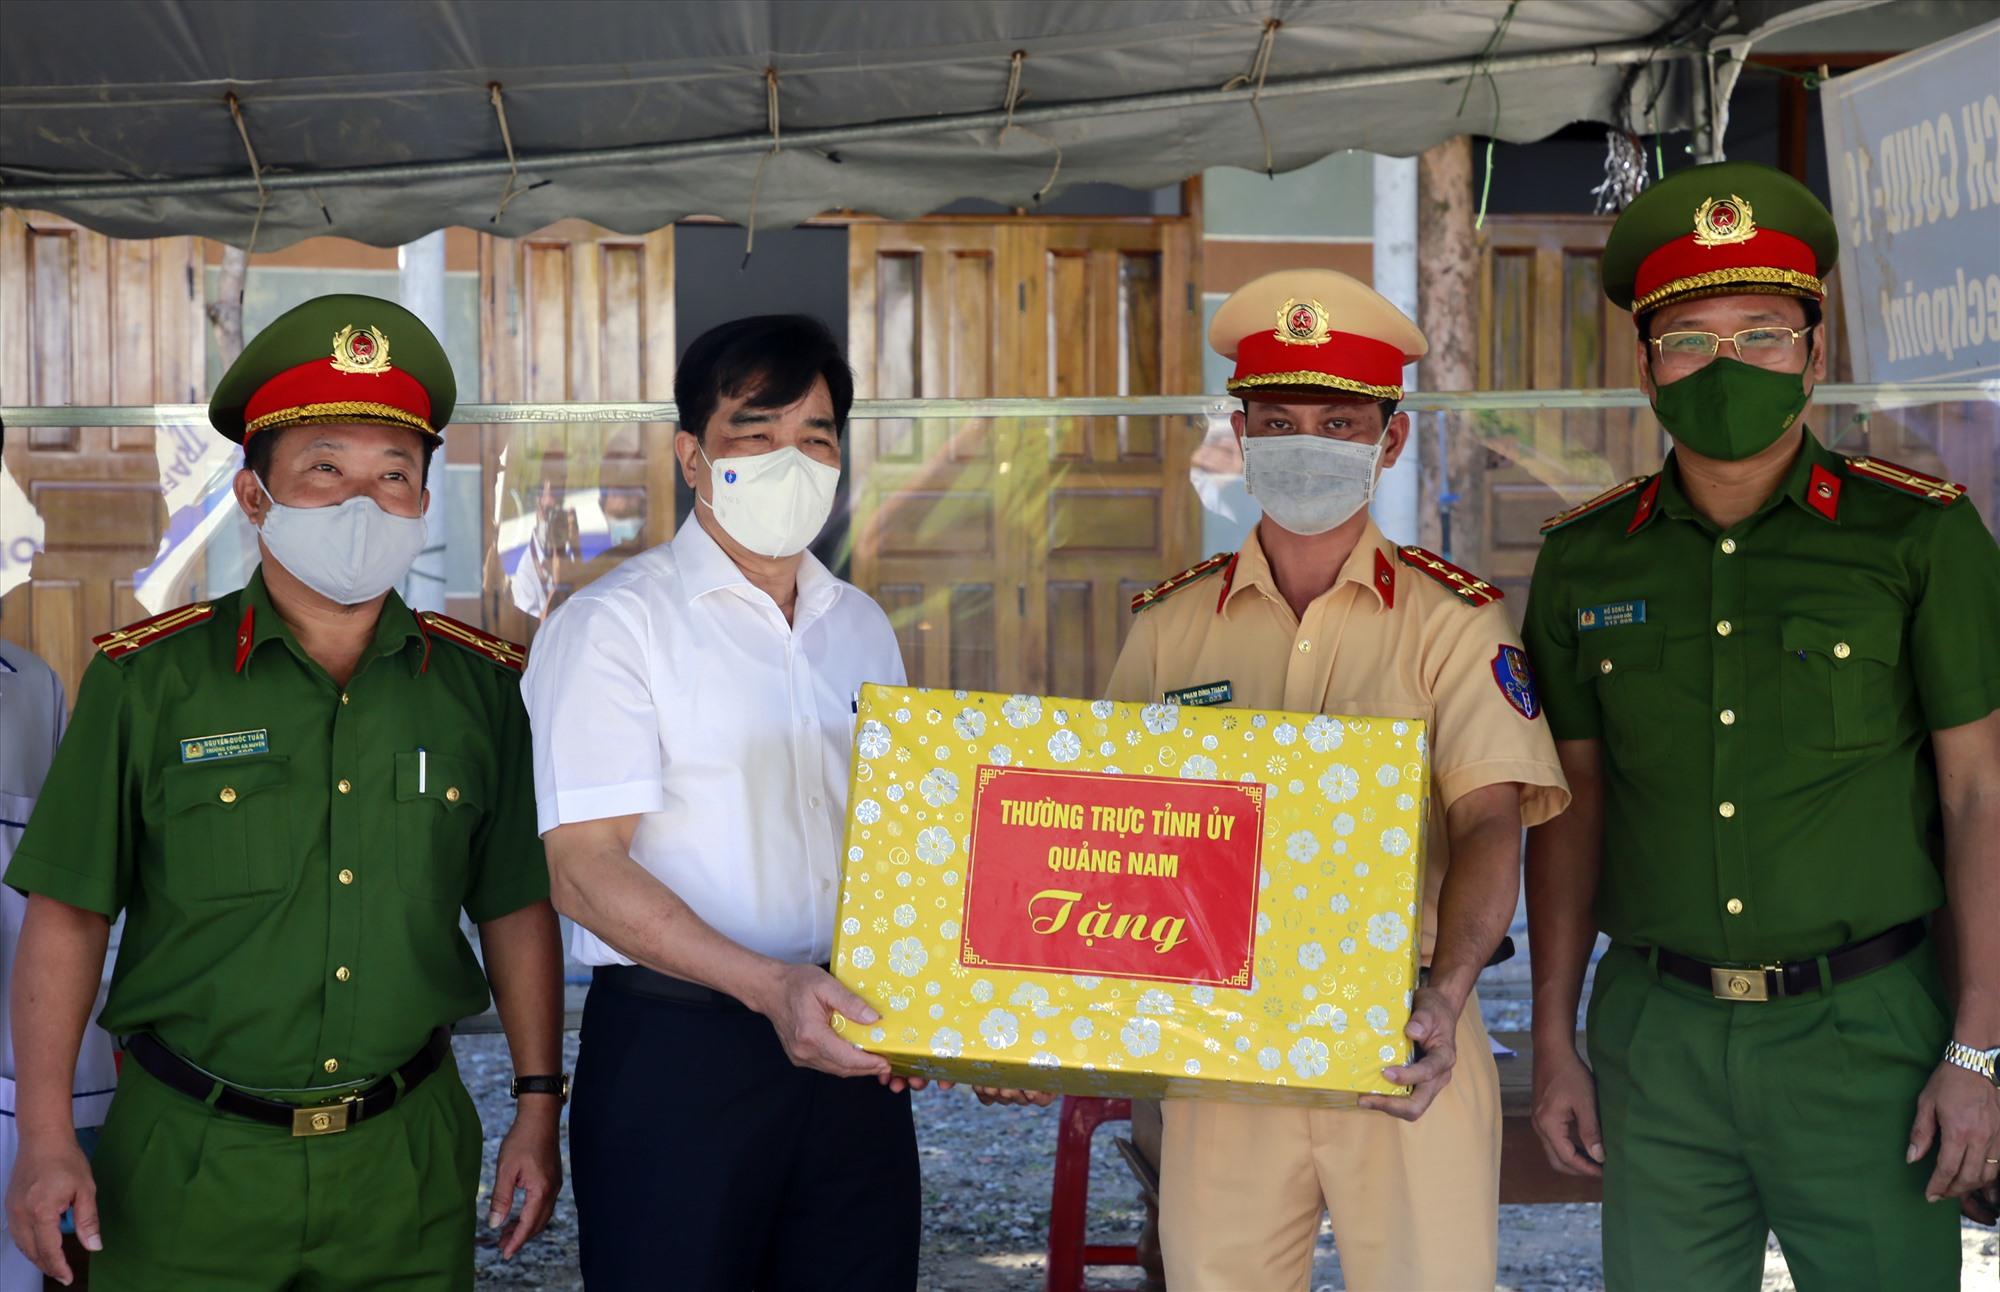 Đồng chí Lê Văn Dũng tặng quà lực lượng làm nhiệm vụ tại chốt kiểm soát phòng chống dịch Covid-19 đèo Lò Xo. Ảnh: THÀNH CÔNG